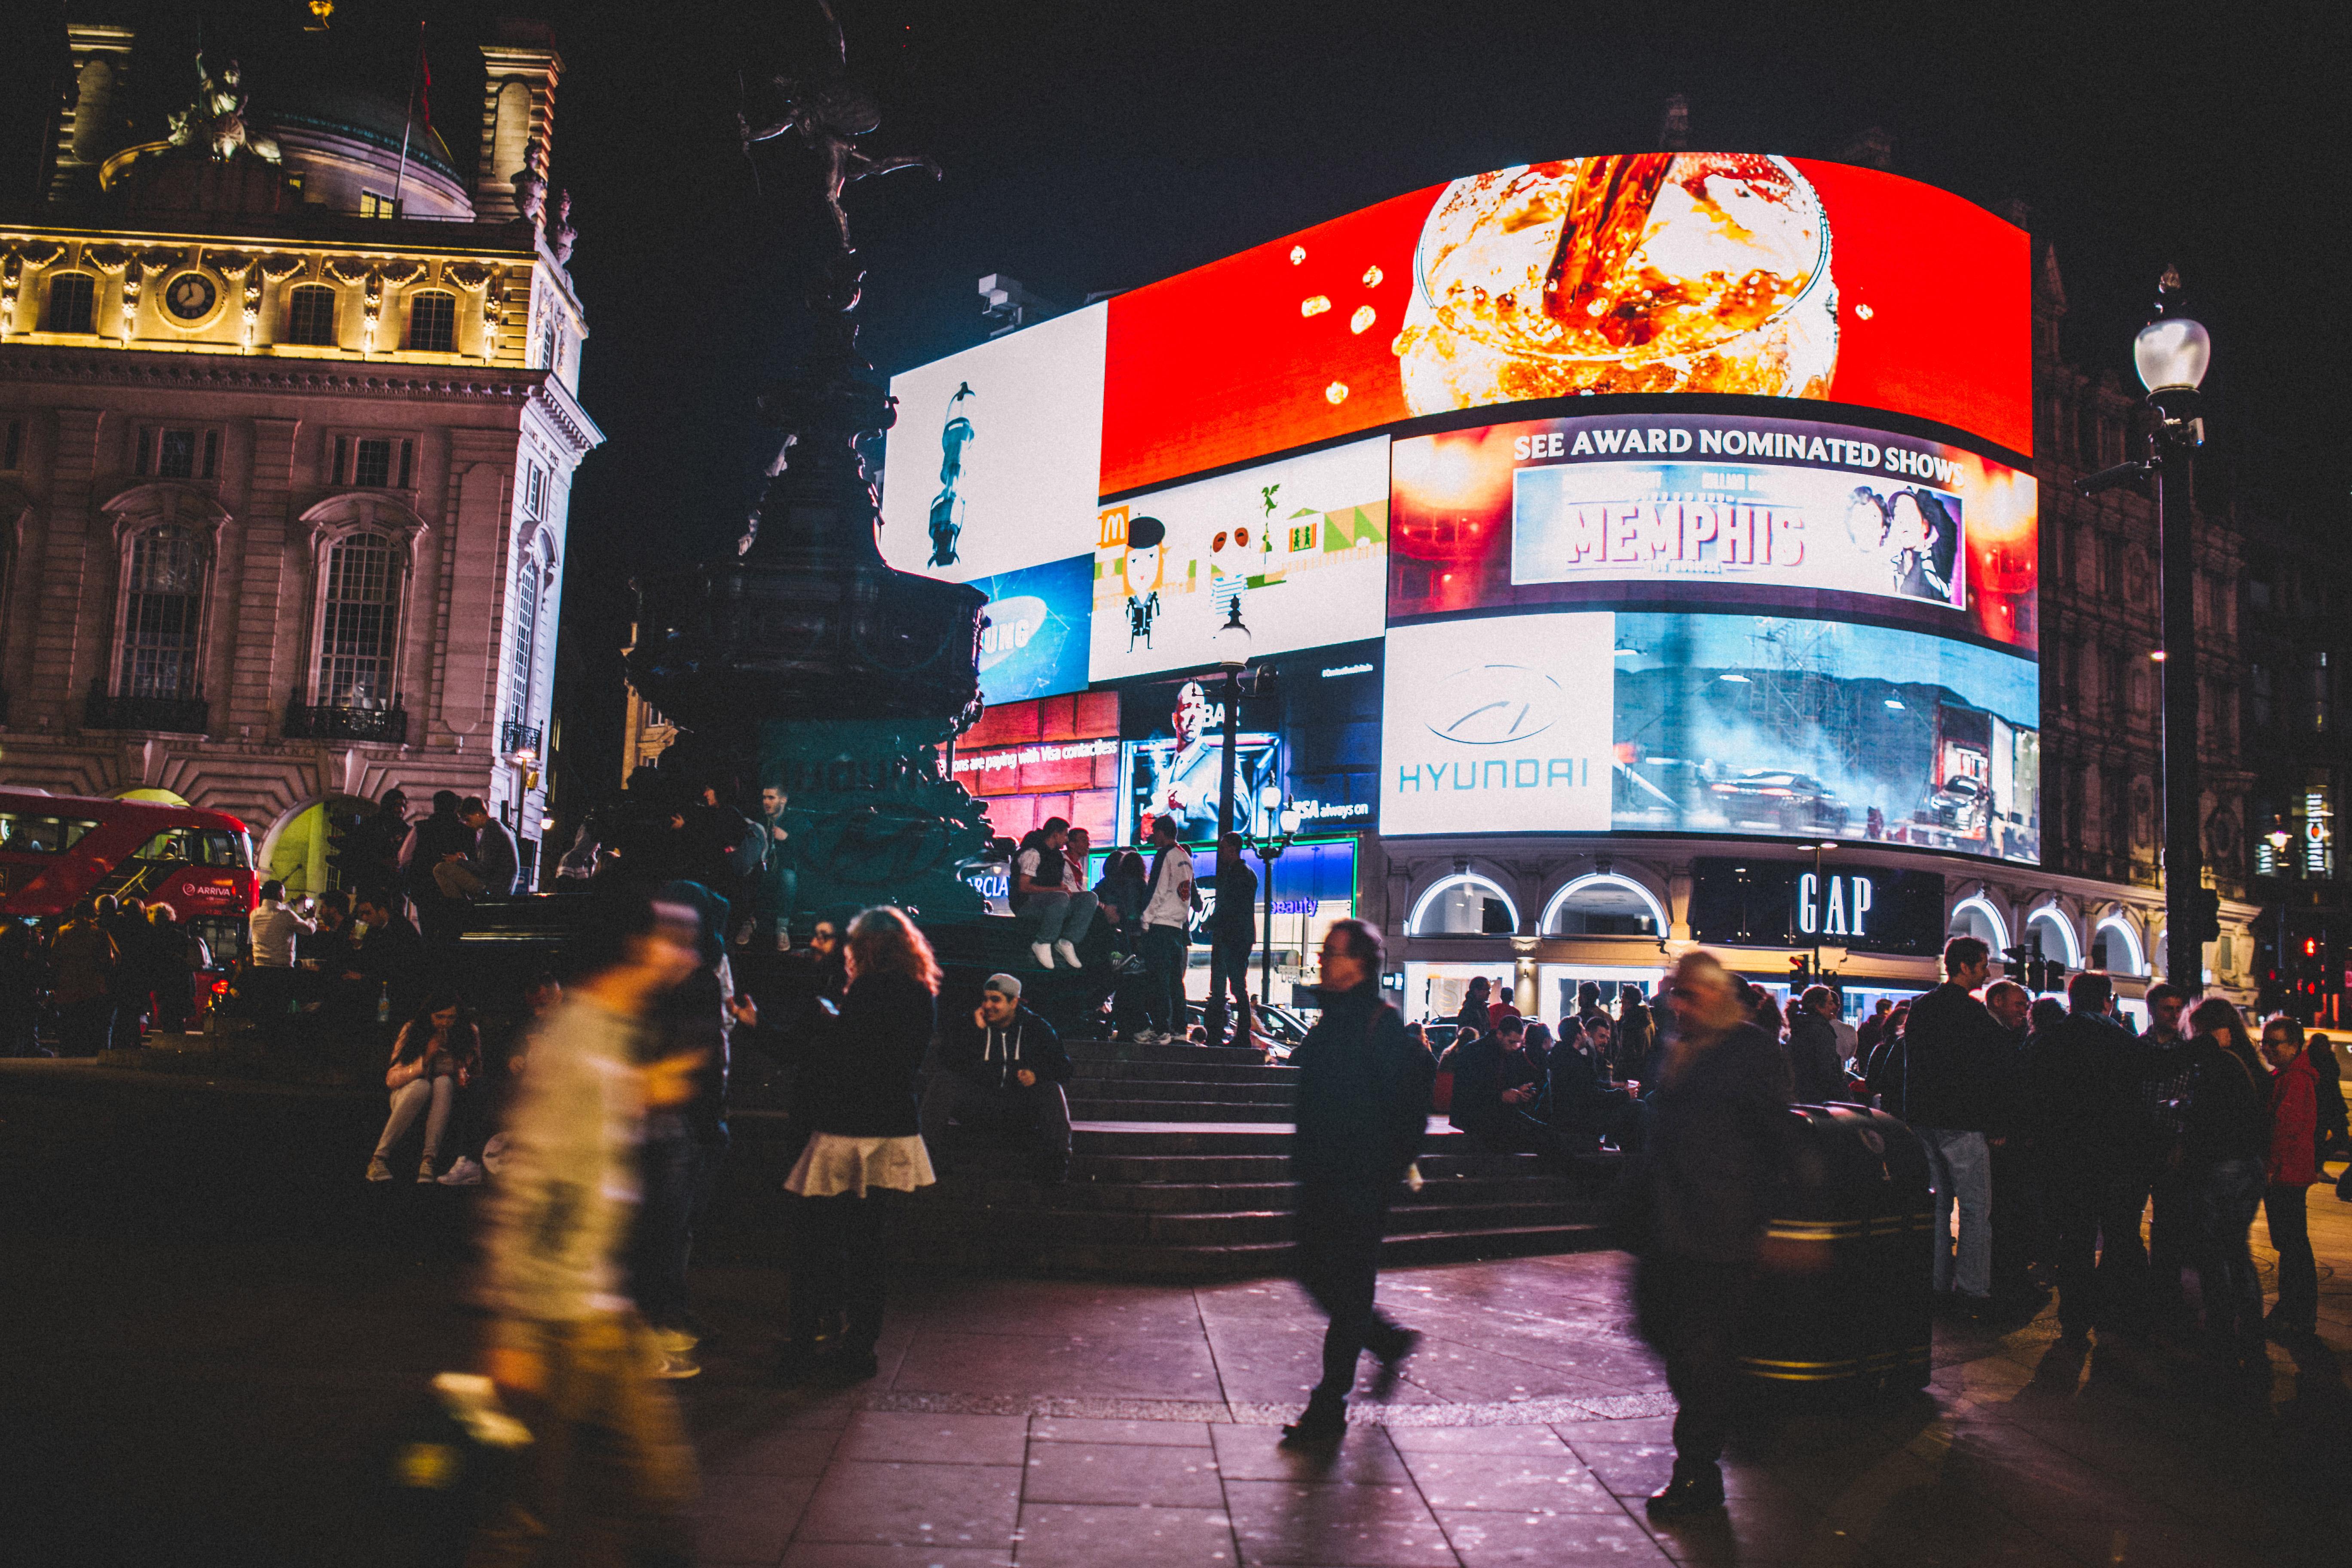 Streetfotografie bei Nacht Tipps